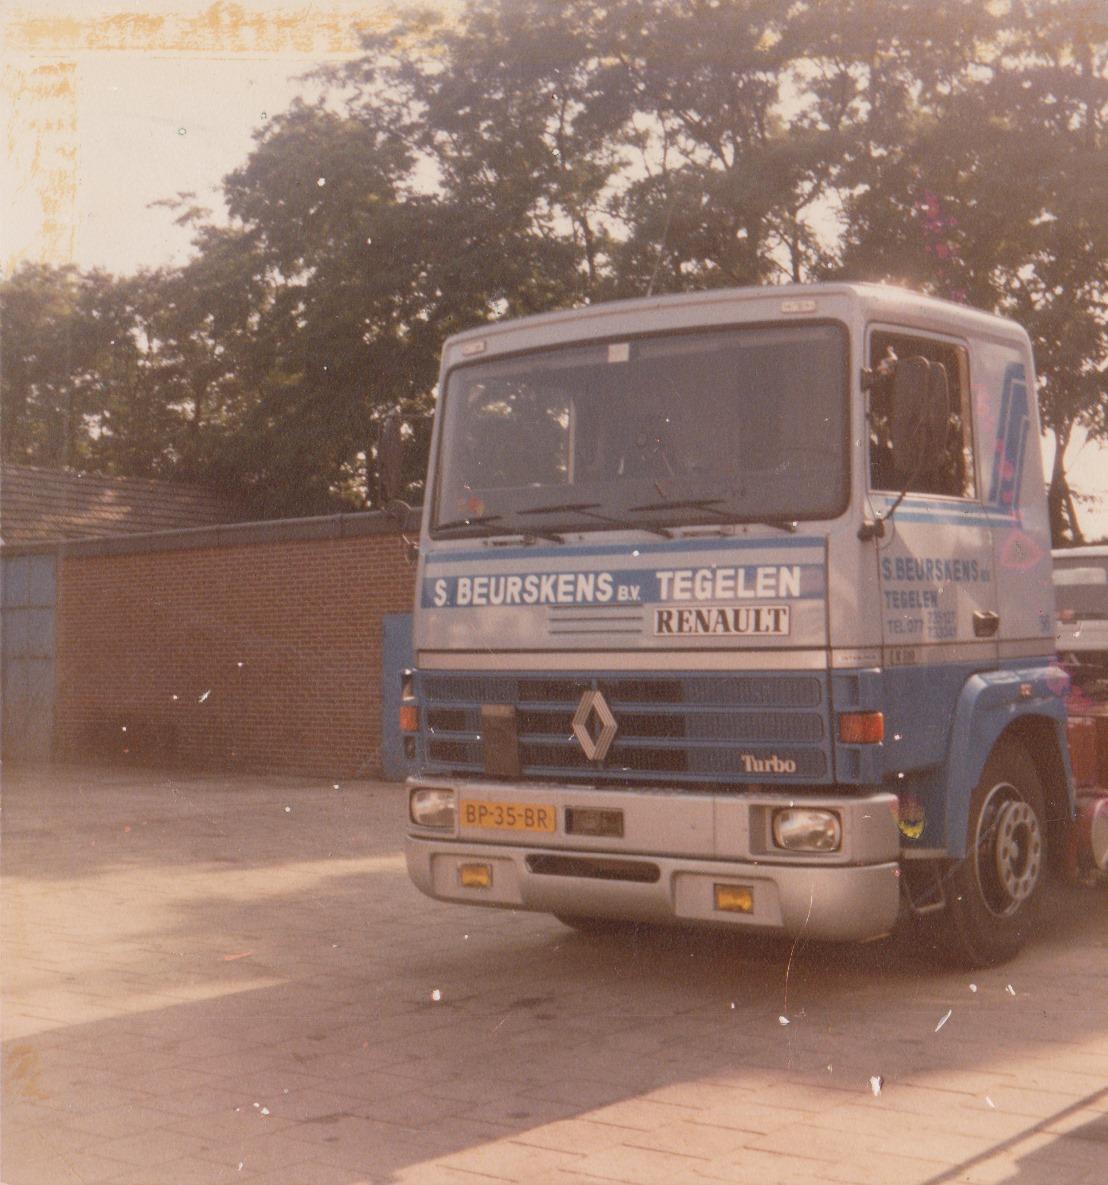 Renault--BP-35-BR--Ron-Van-Wijnhoven